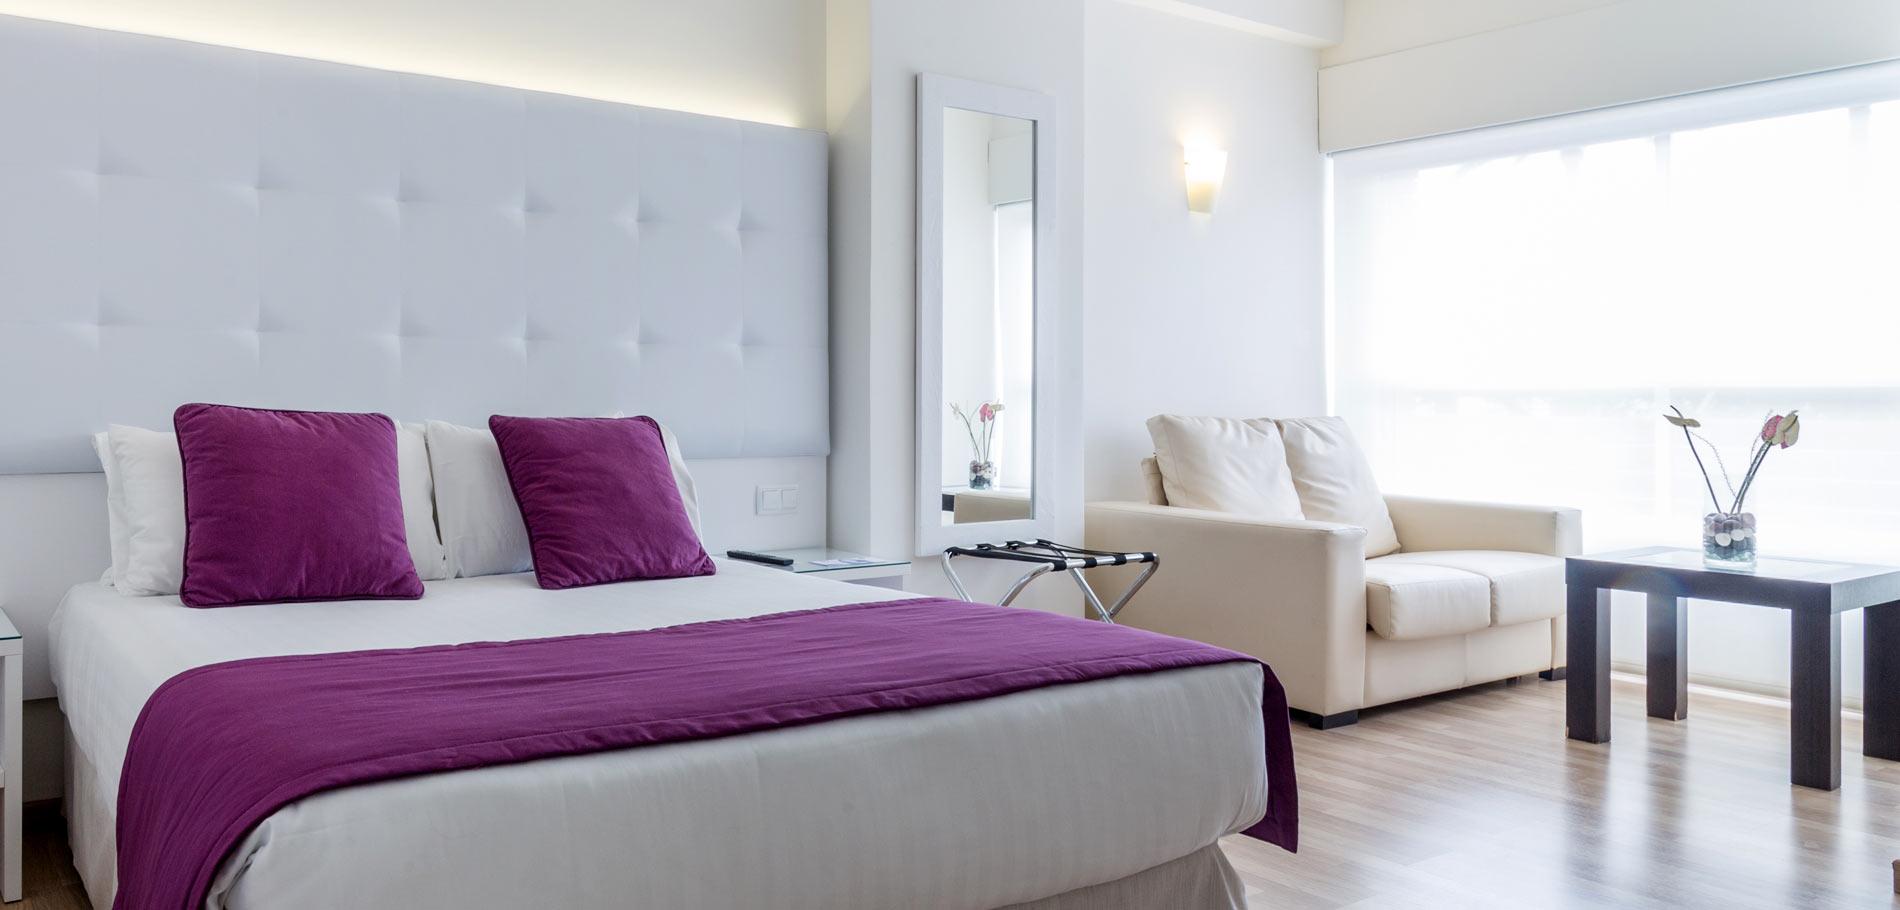 Habitaciones amplias y funcionales pensadas para todos los p blicos hotel albah a alicante - Decoracion alicante ...